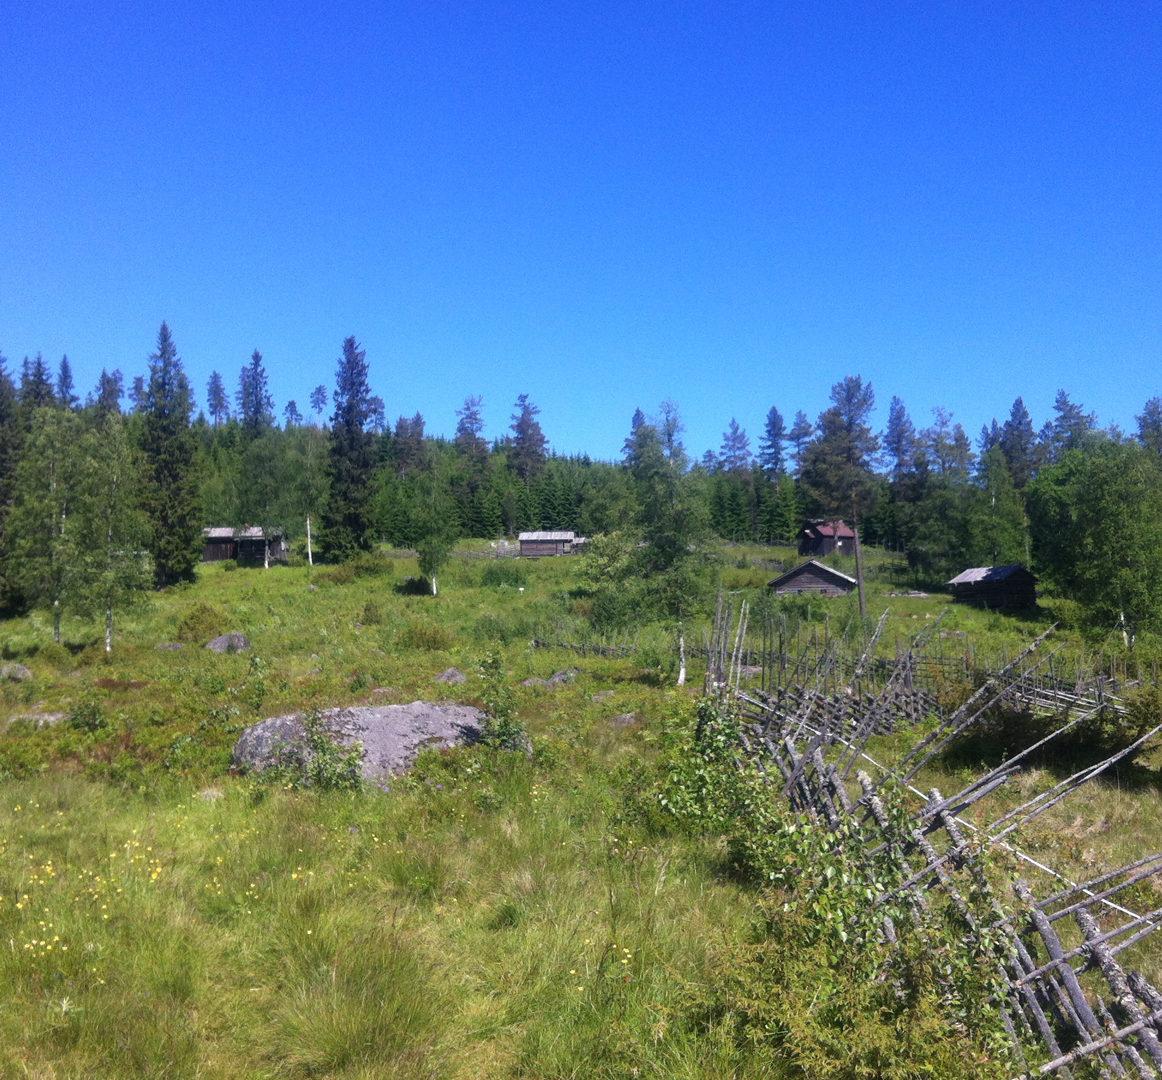 Summer grazing farm Dalarna